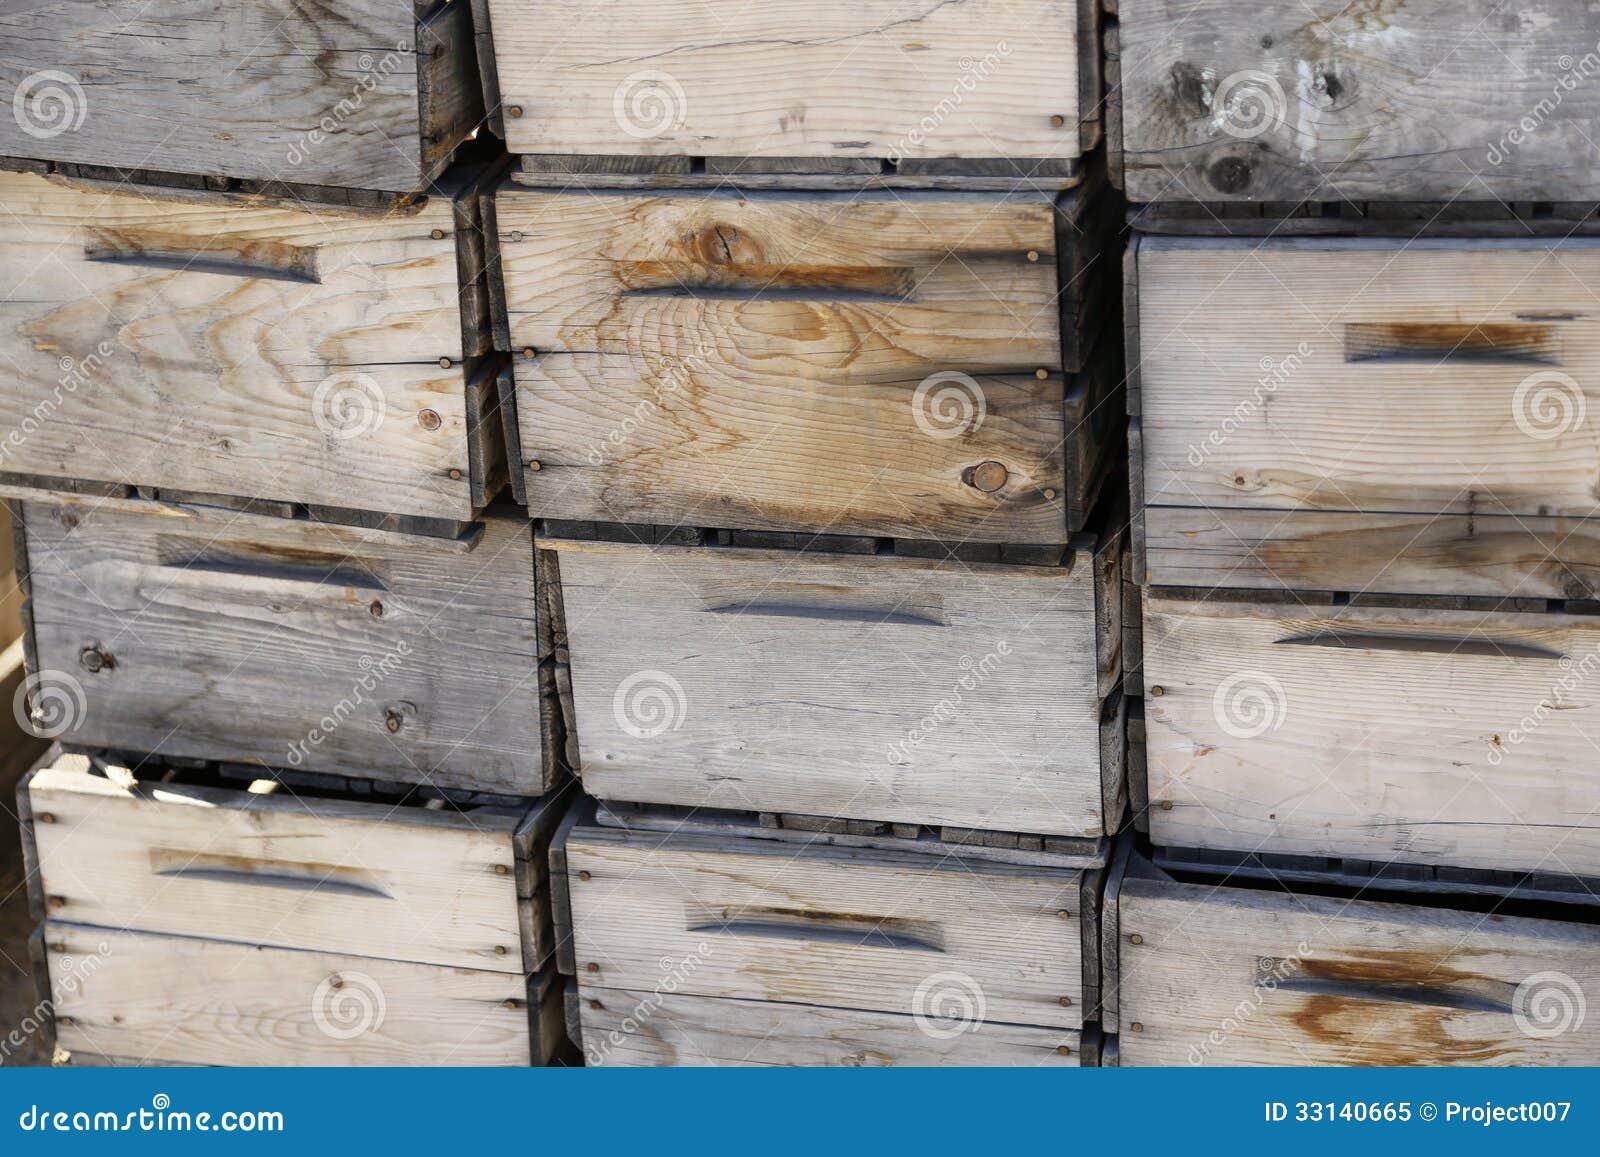 Cajones antiguos de la caja de madera foto de archivo - Cajones de madera antiguos ...